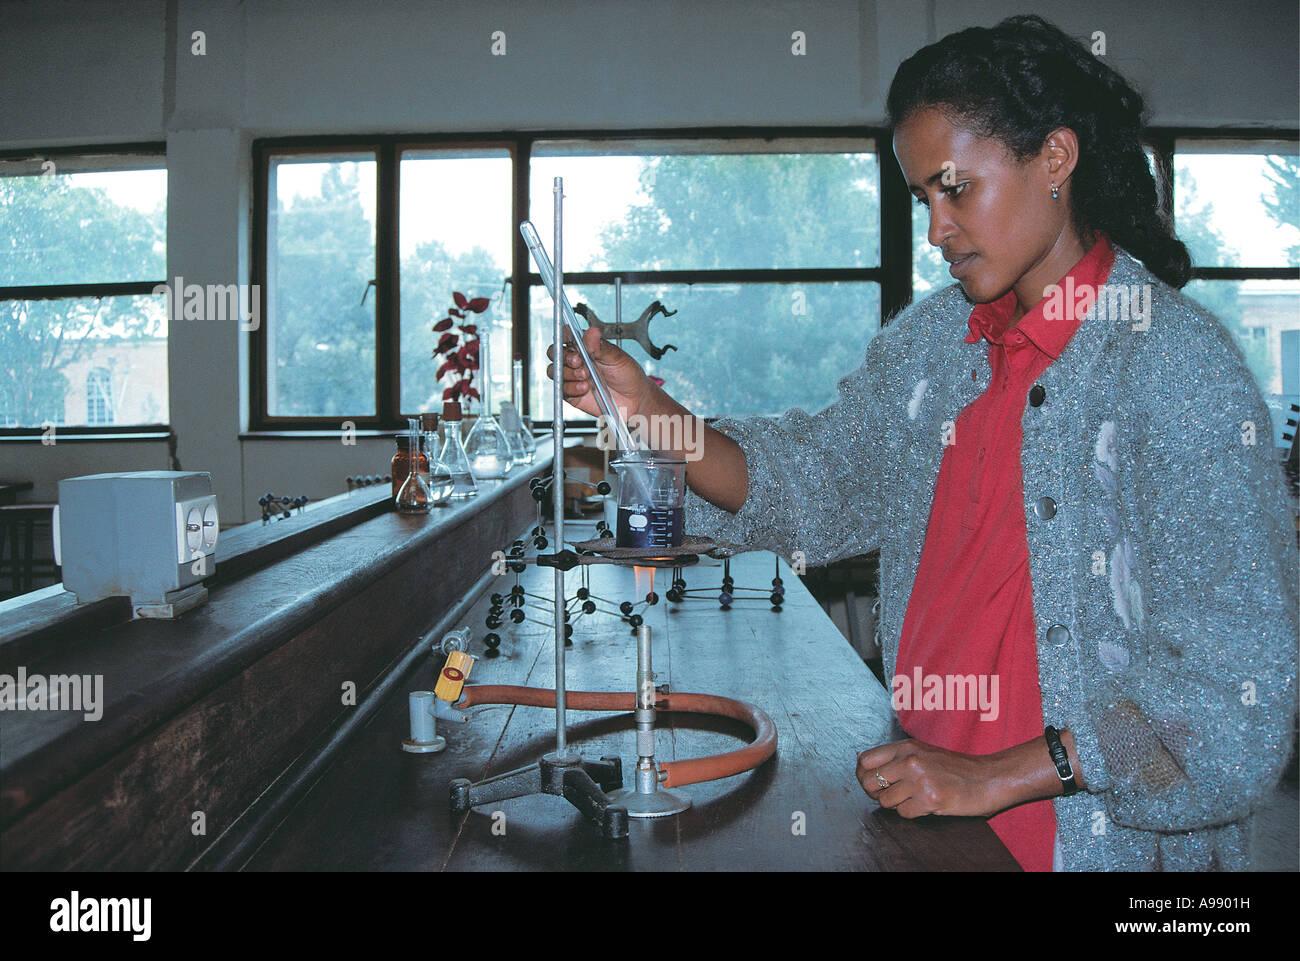 Student Studium Chemie an der Universität von Addis Abeba, Äthiopien Stockbild